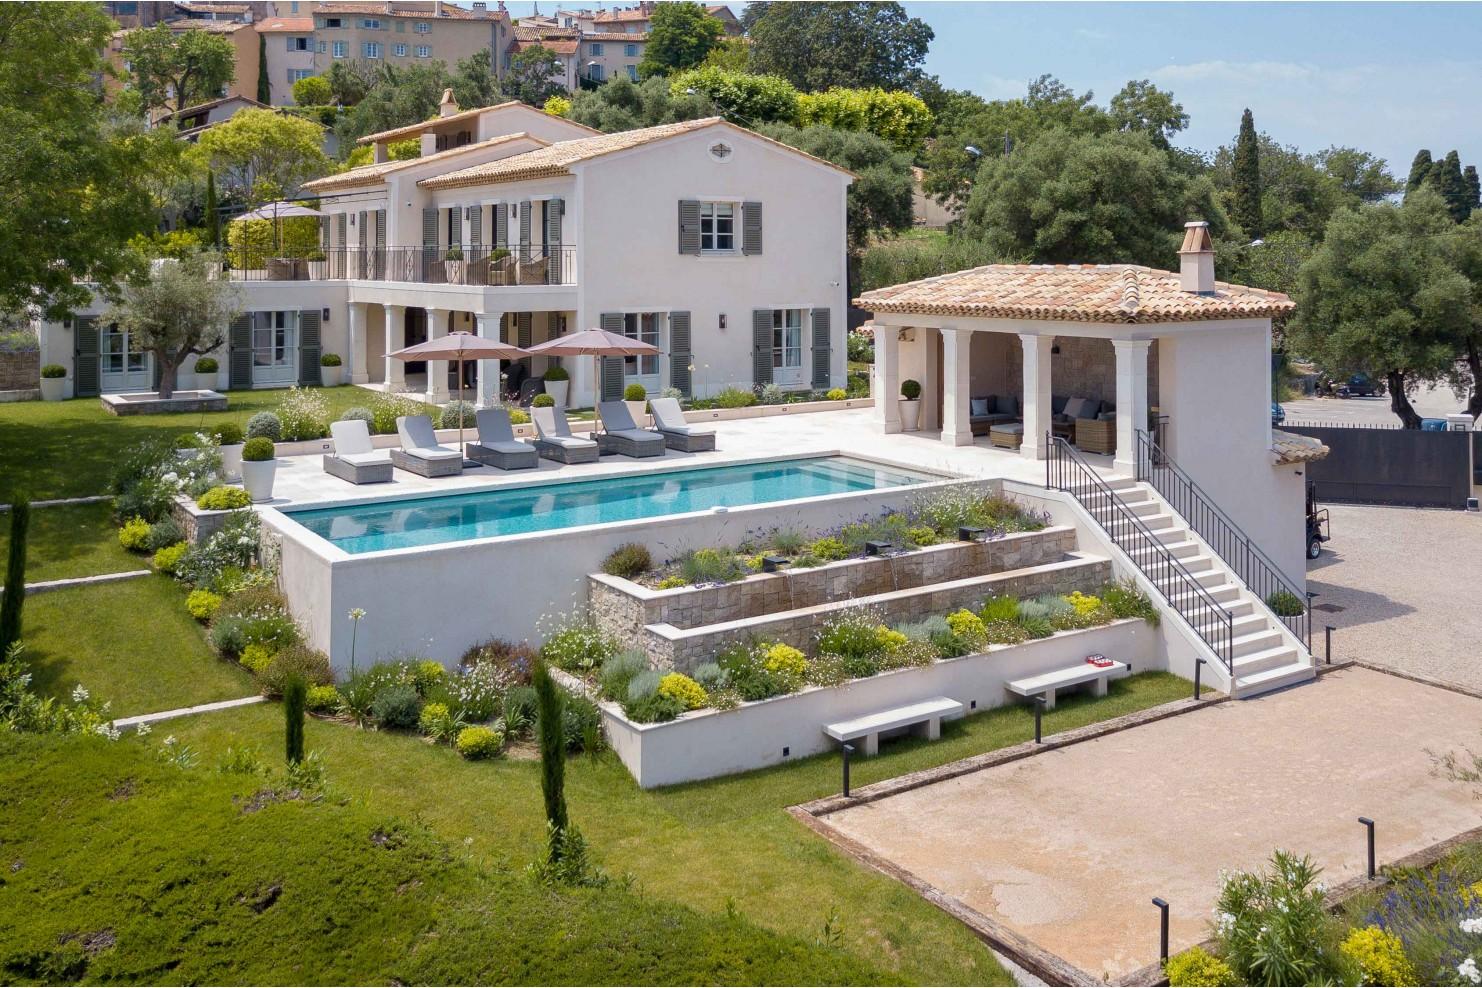 3735784 villa grain dorge provence france